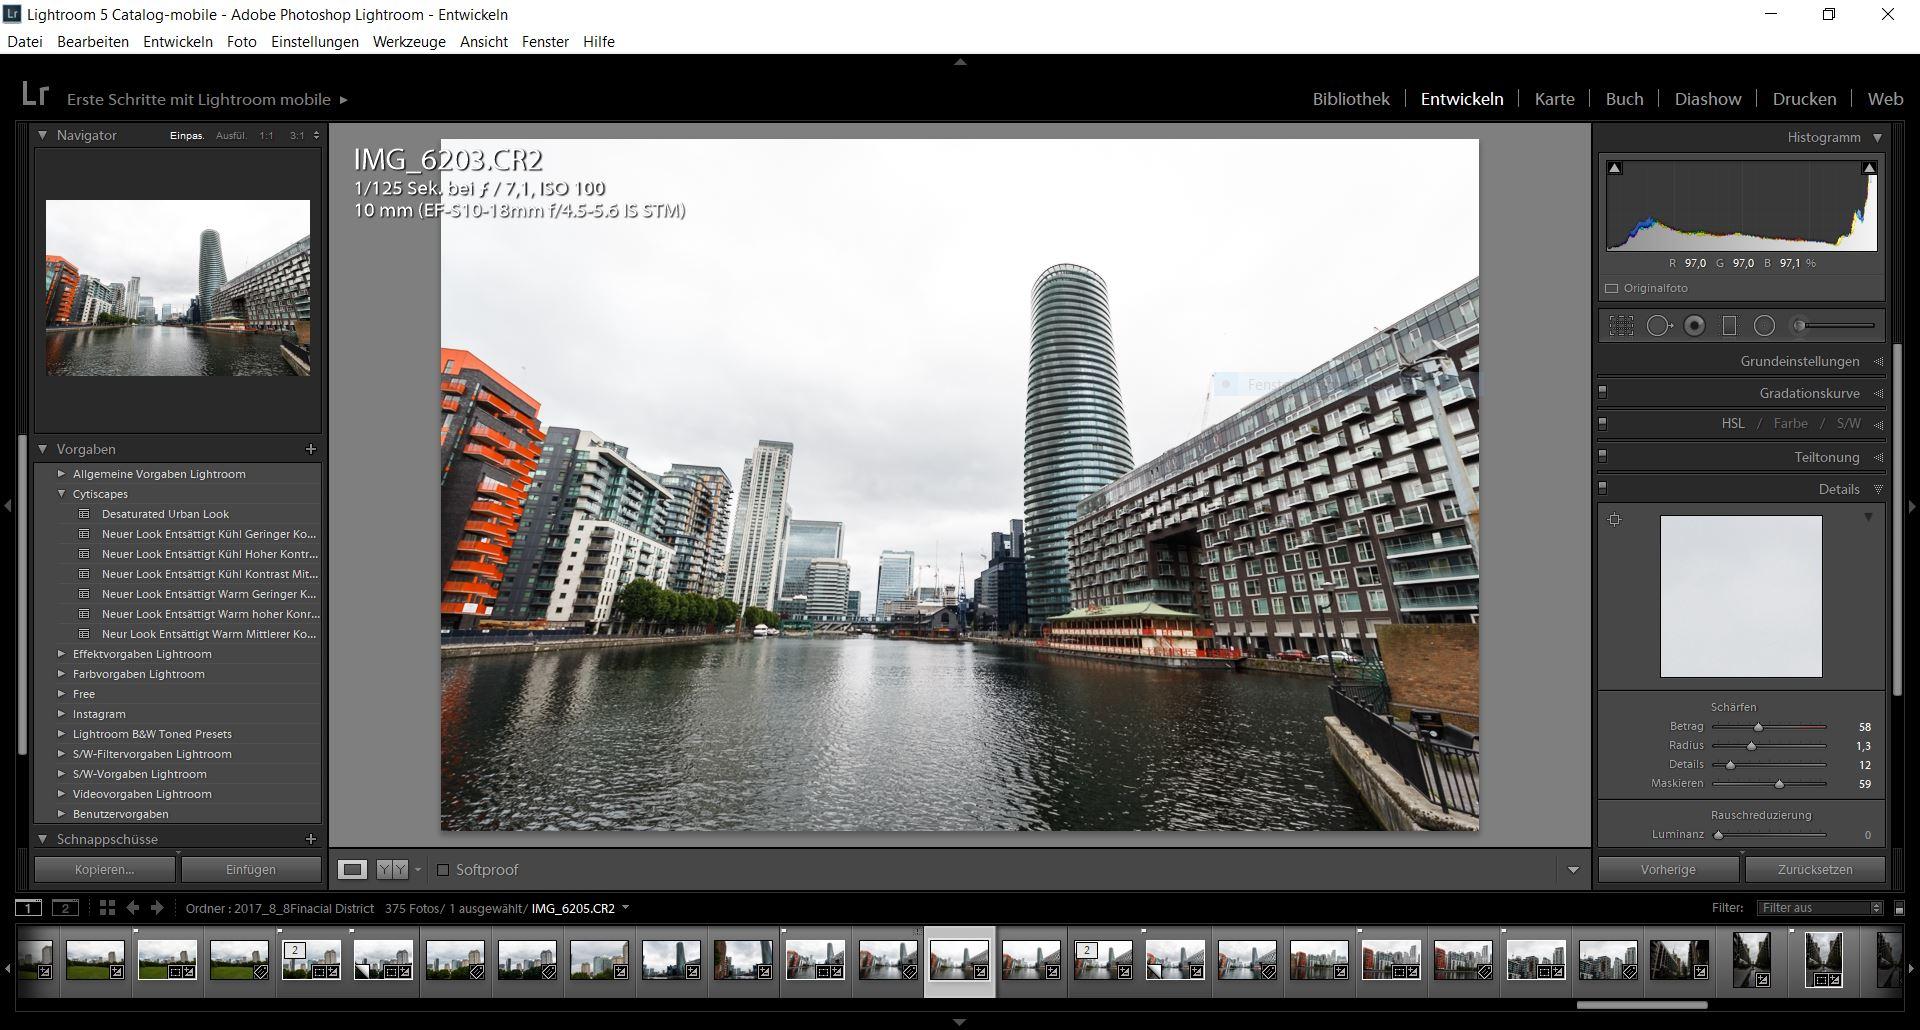 Der Bereich zum Entwickeln der Fotos in Lightroom